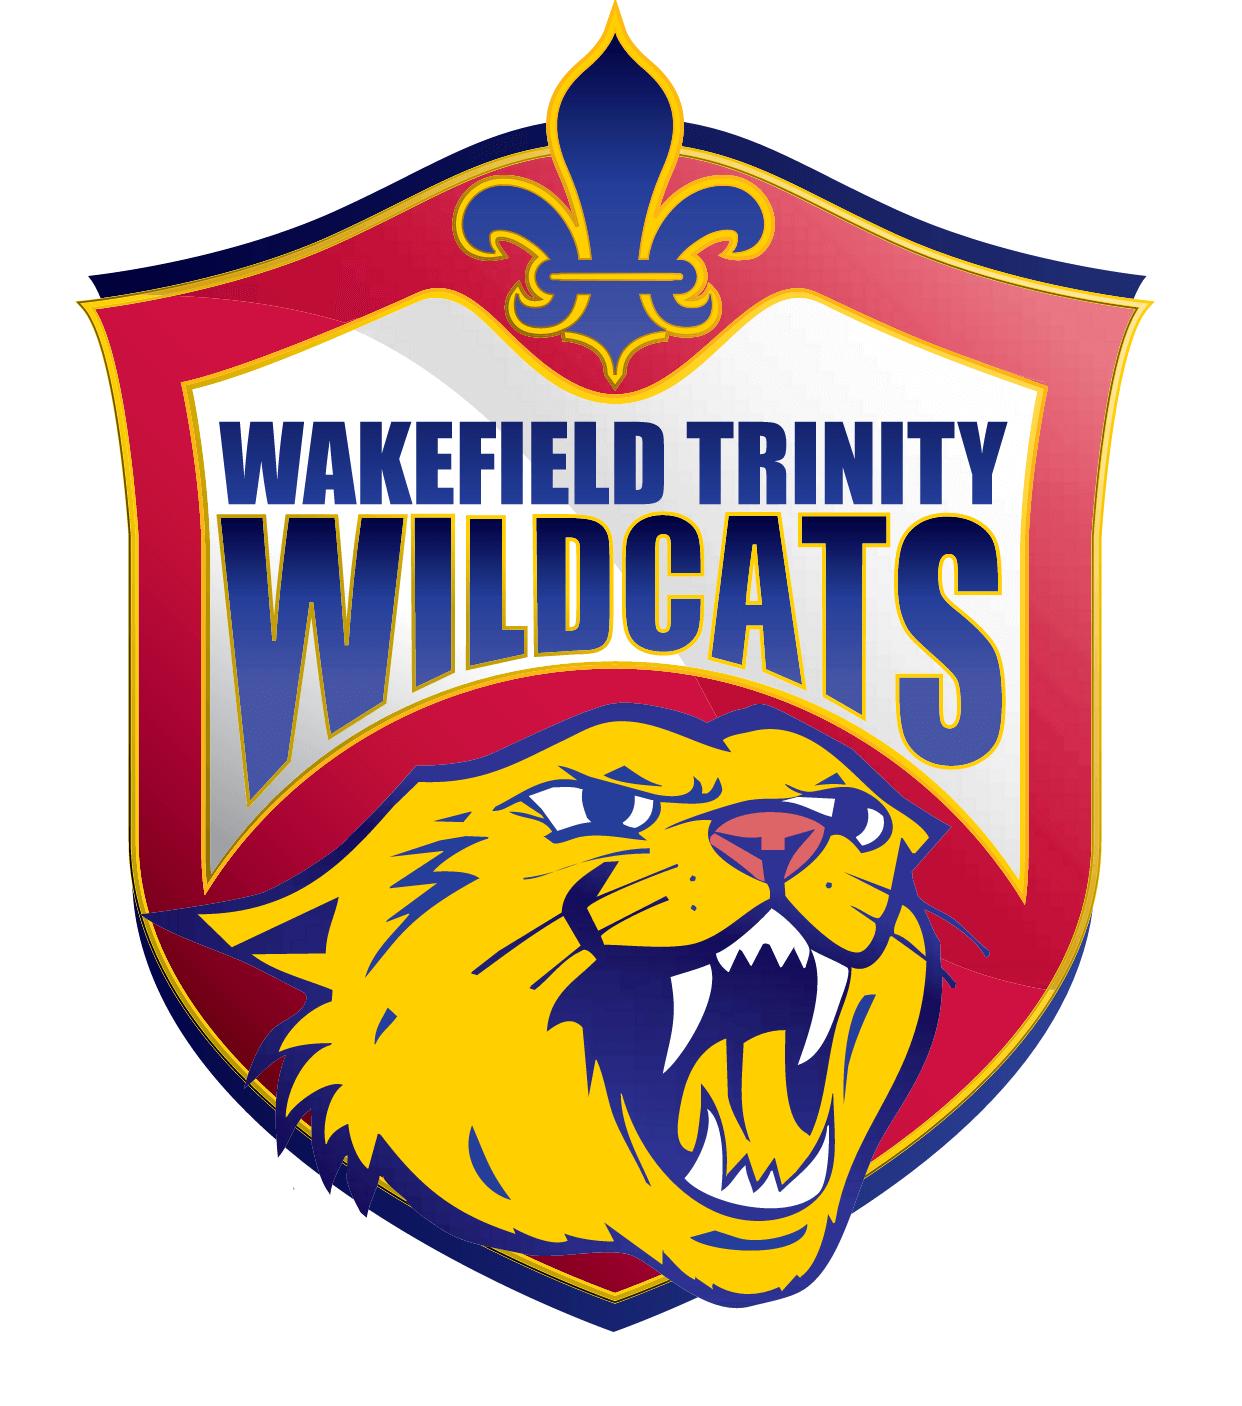 Wakefield Trinity Wildcats Academy